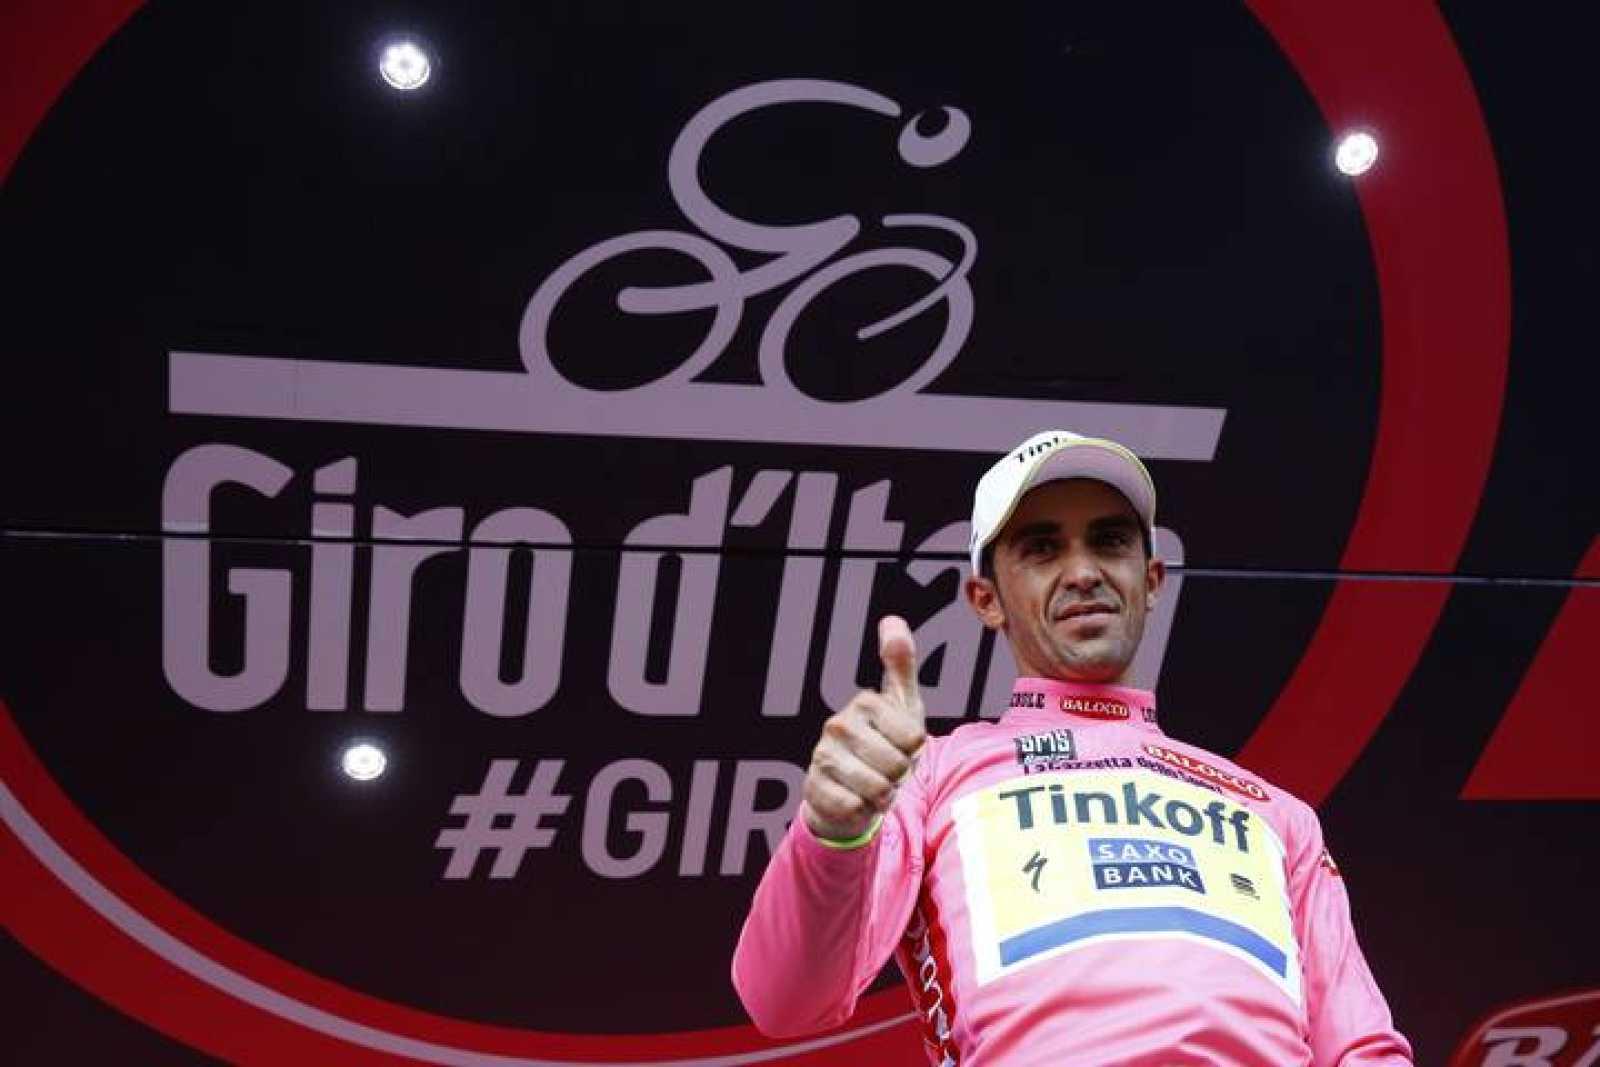 Imagen de Alberto Contador en el podio de la quinta etapa del Giro de Italia.